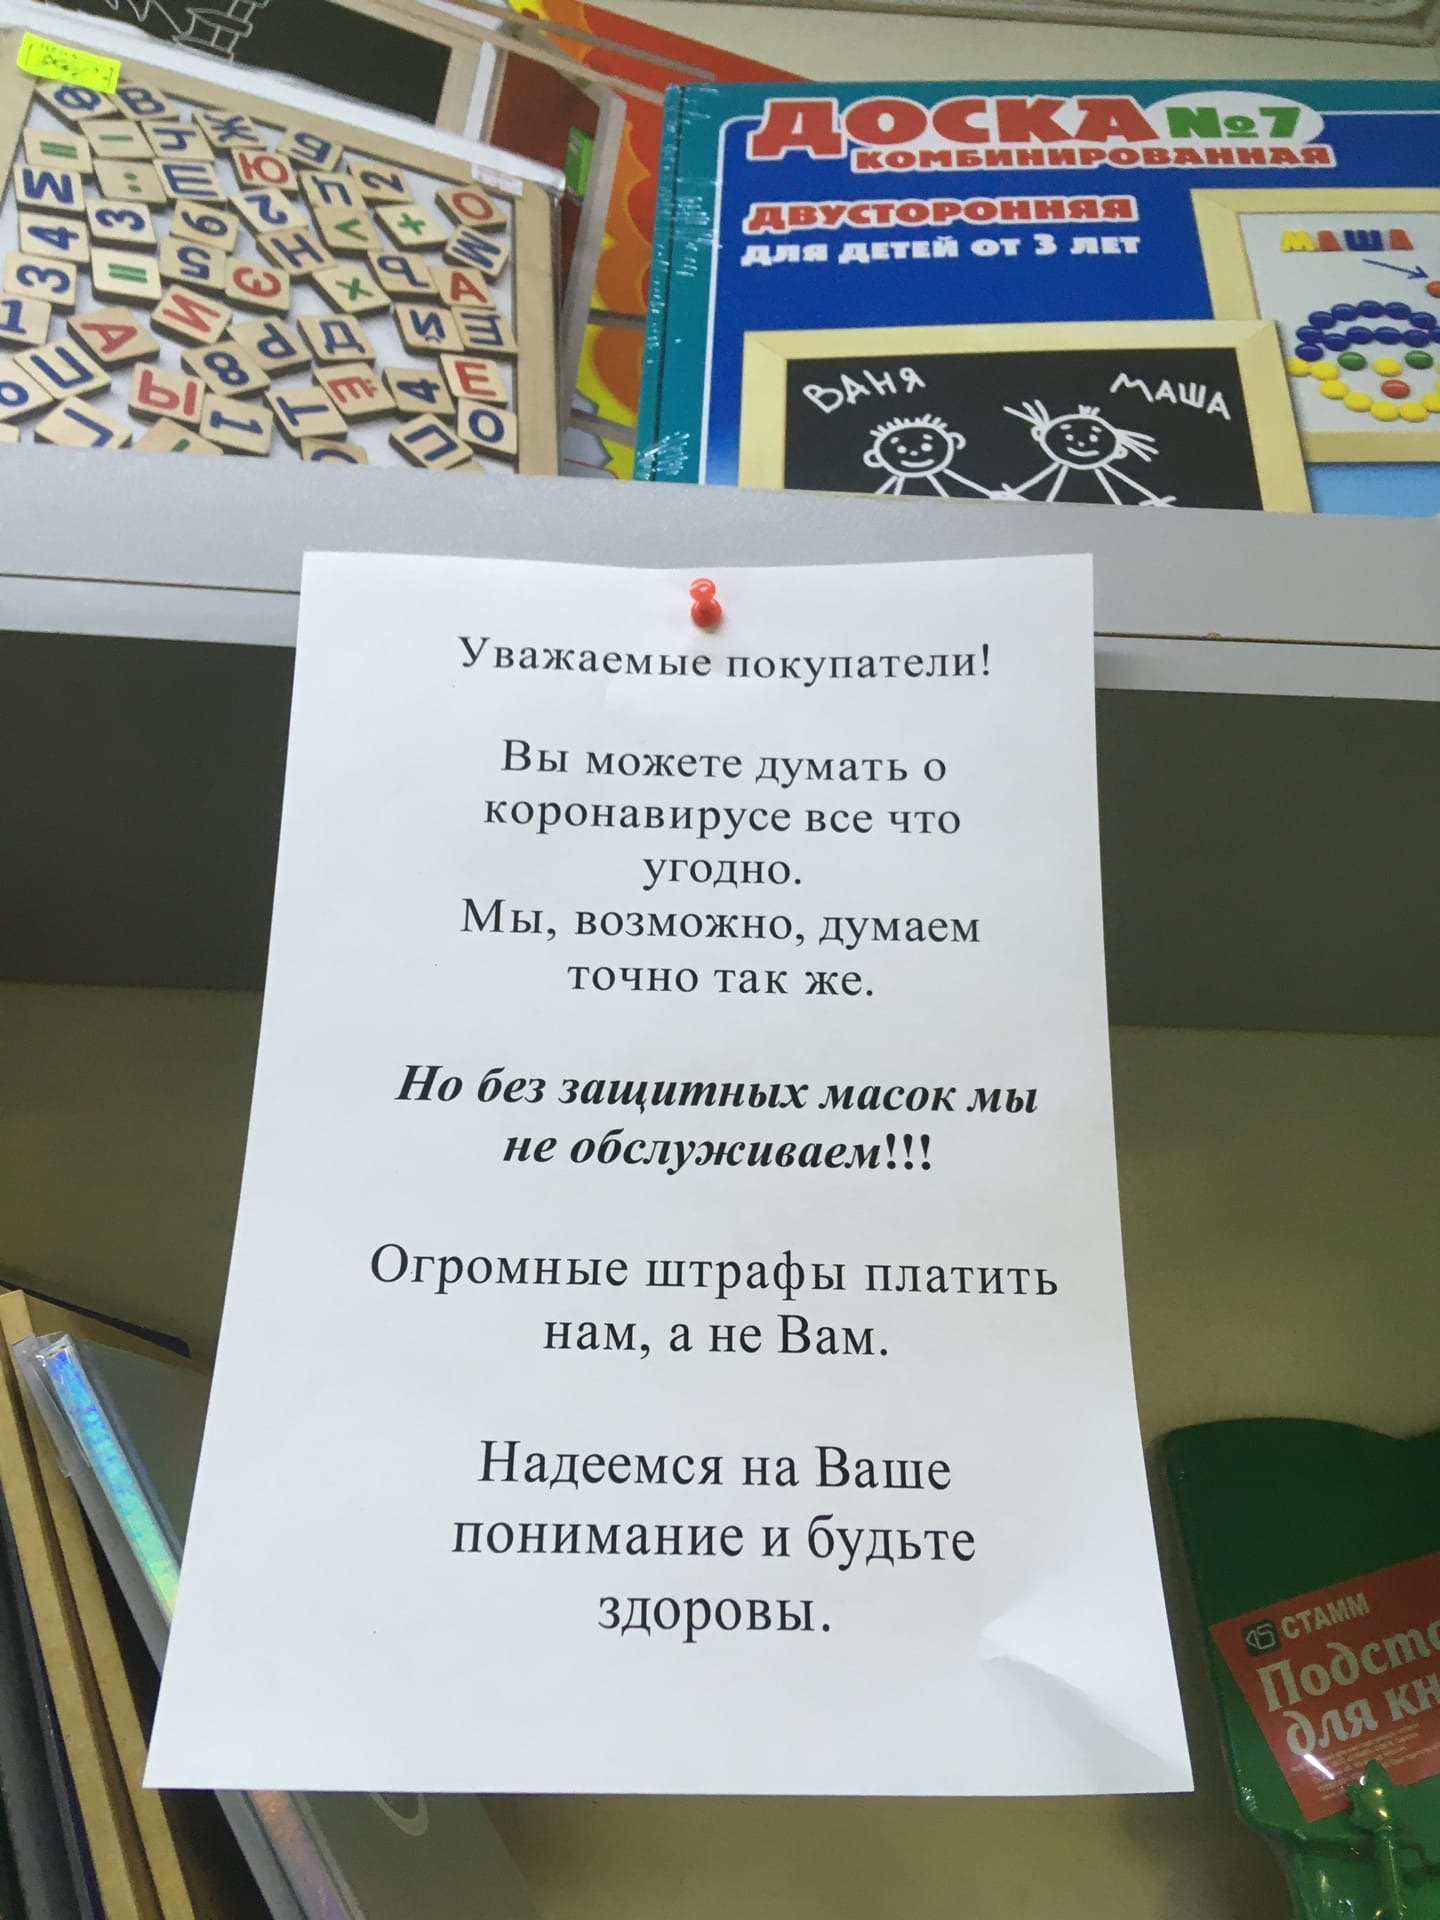 Житель Тверской области пошёл в суд оспаривать штраф за отсутствие маски